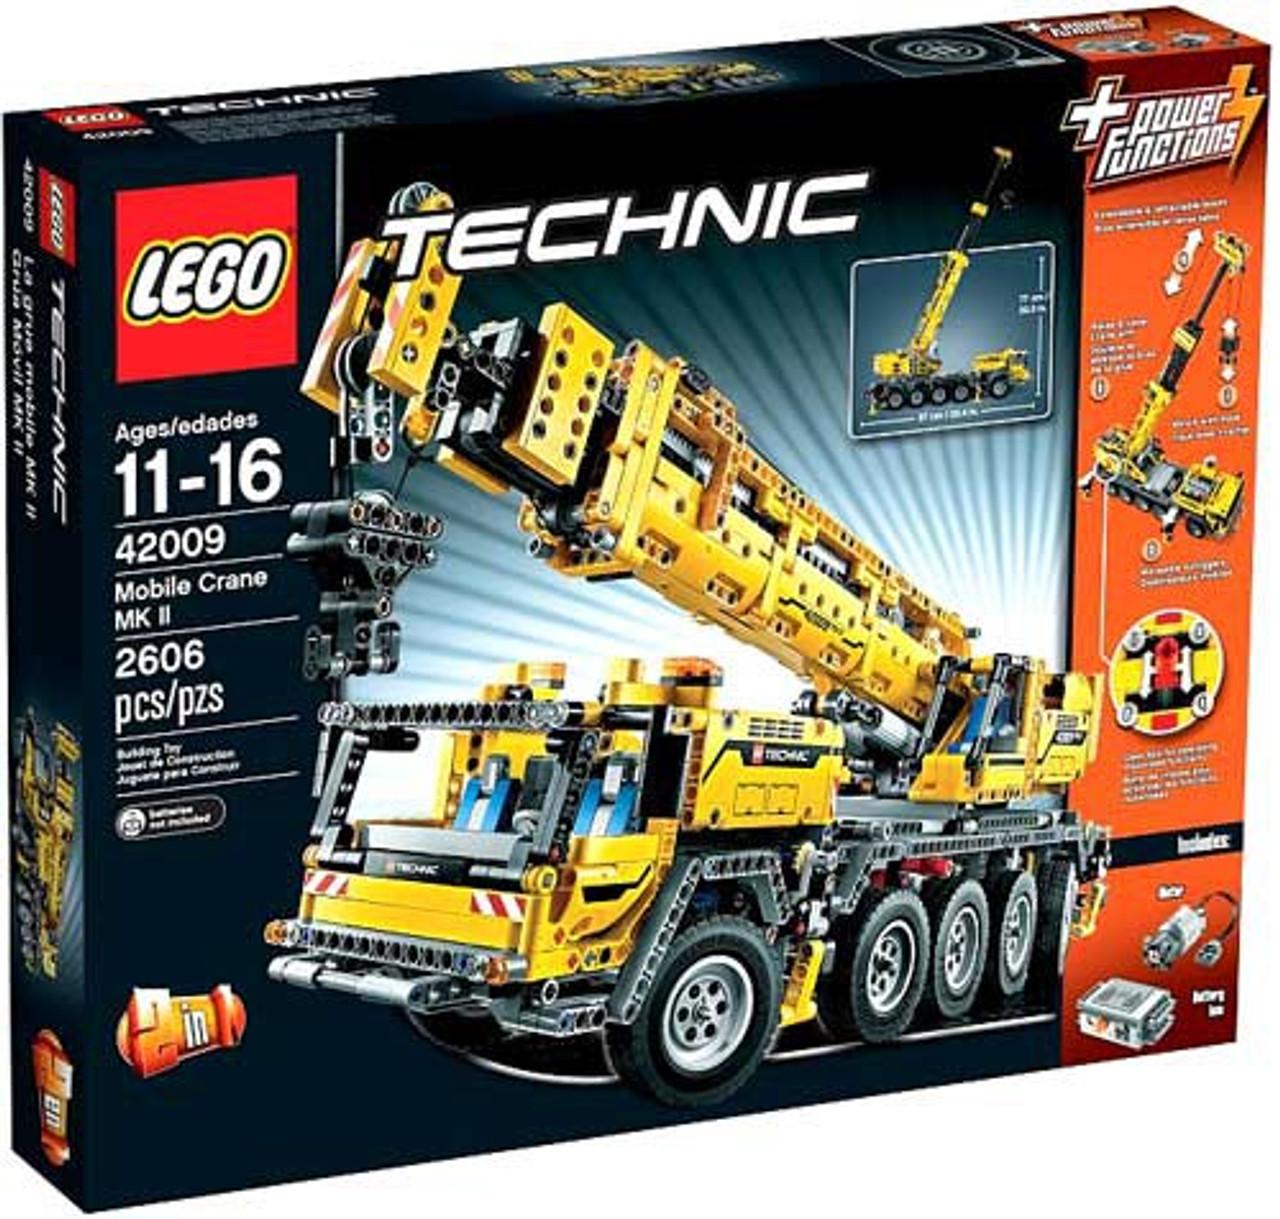 LEGO Technic Power Functions Mobile Crane MK II Set #42009